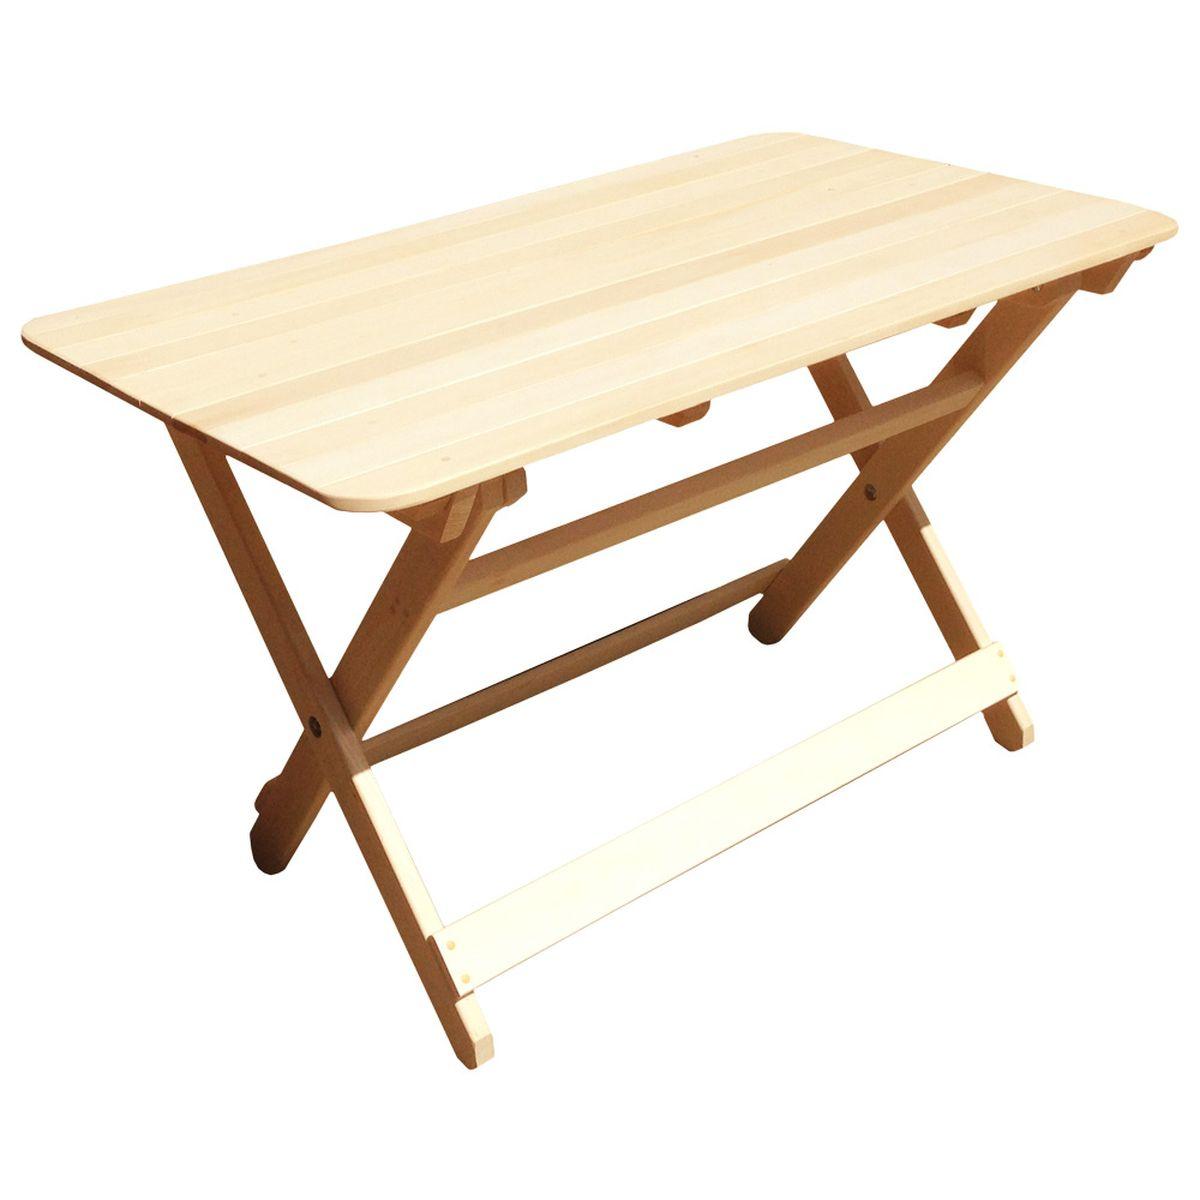 """Складной стол """"Банные штучки"""", выполненный из дерева, идеально подойдет для благоустройства дачного или садового участка, прекрасно впишется в интерьер дома, бани или сауны. За счет своего небольшого размера он займет мало места в багажнике, поэтому его можно взять с собой на природу."""